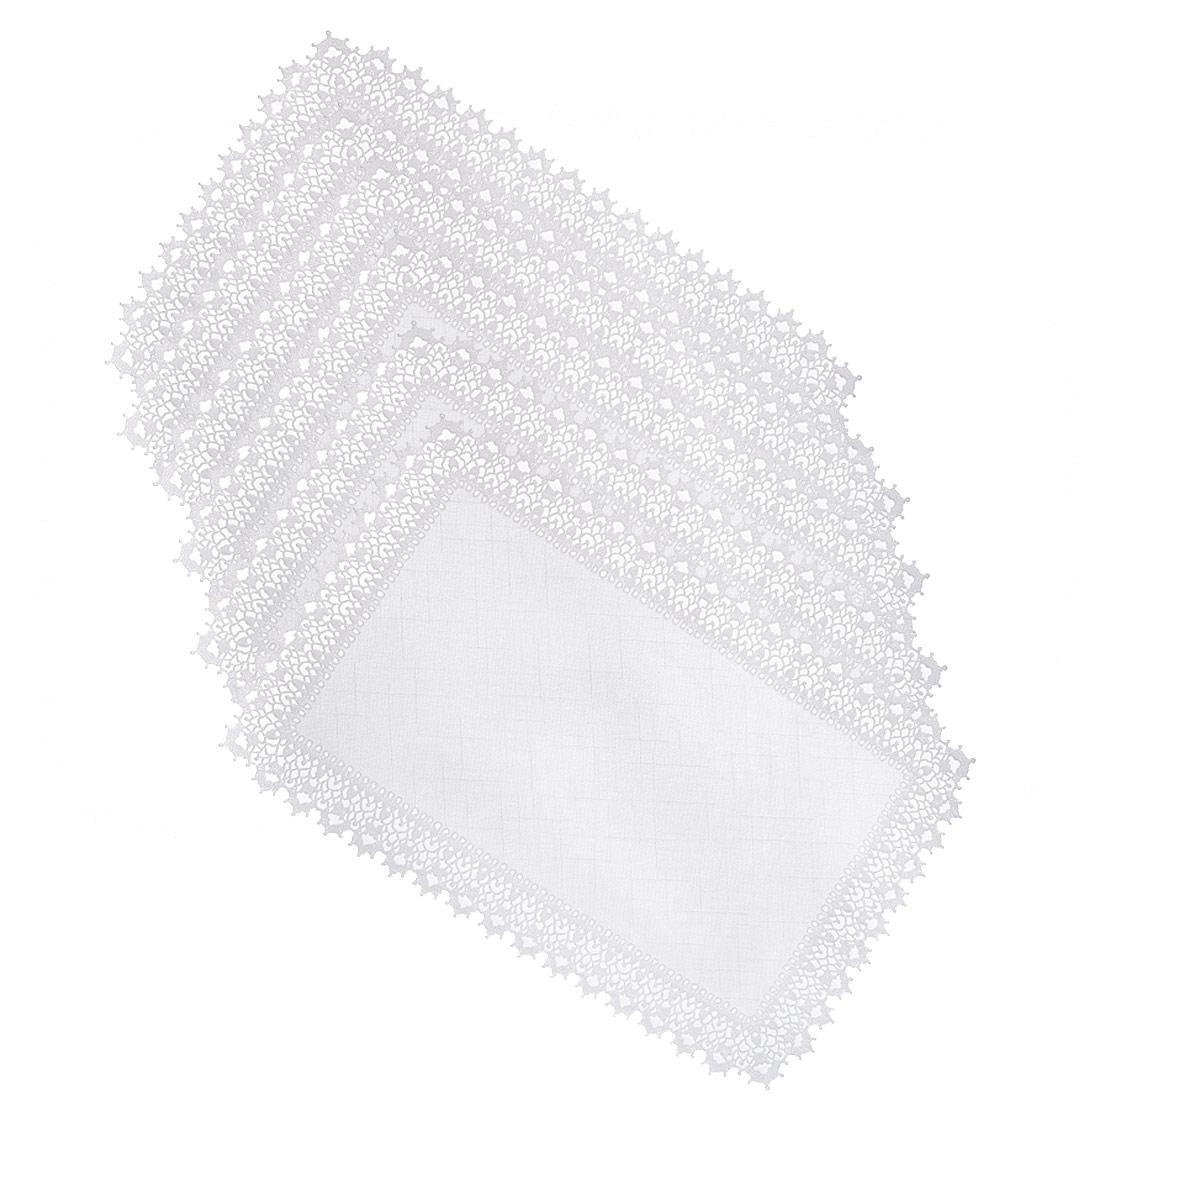 Набор салфеток Ажурные, цвет: белый, прямоуголные, 30 х 45 см, 6 шт115510Набор салфеток Ажурные включает в себя 6 салфеток, выполненных из винила и оформлены кружевным узором. Преимущества салфеток состоят в том, что они достаточно легко оттираются от загрязнений, не нуждаются в глажке и при этом всегда украшает стол своим внешним видом. Вы можете использовать салфетки для декорирования стола, комода, журнального столика. В любом случае они добавят в ваш дом стиля, изысканности и неповторимости и уберегут мебель от царапин и потертостей. Характеристики: Материал: 100% винил. Диаметр скатерти: 30 см х 45 см. Цвет: белый. Страна-изготовитель: Китай.